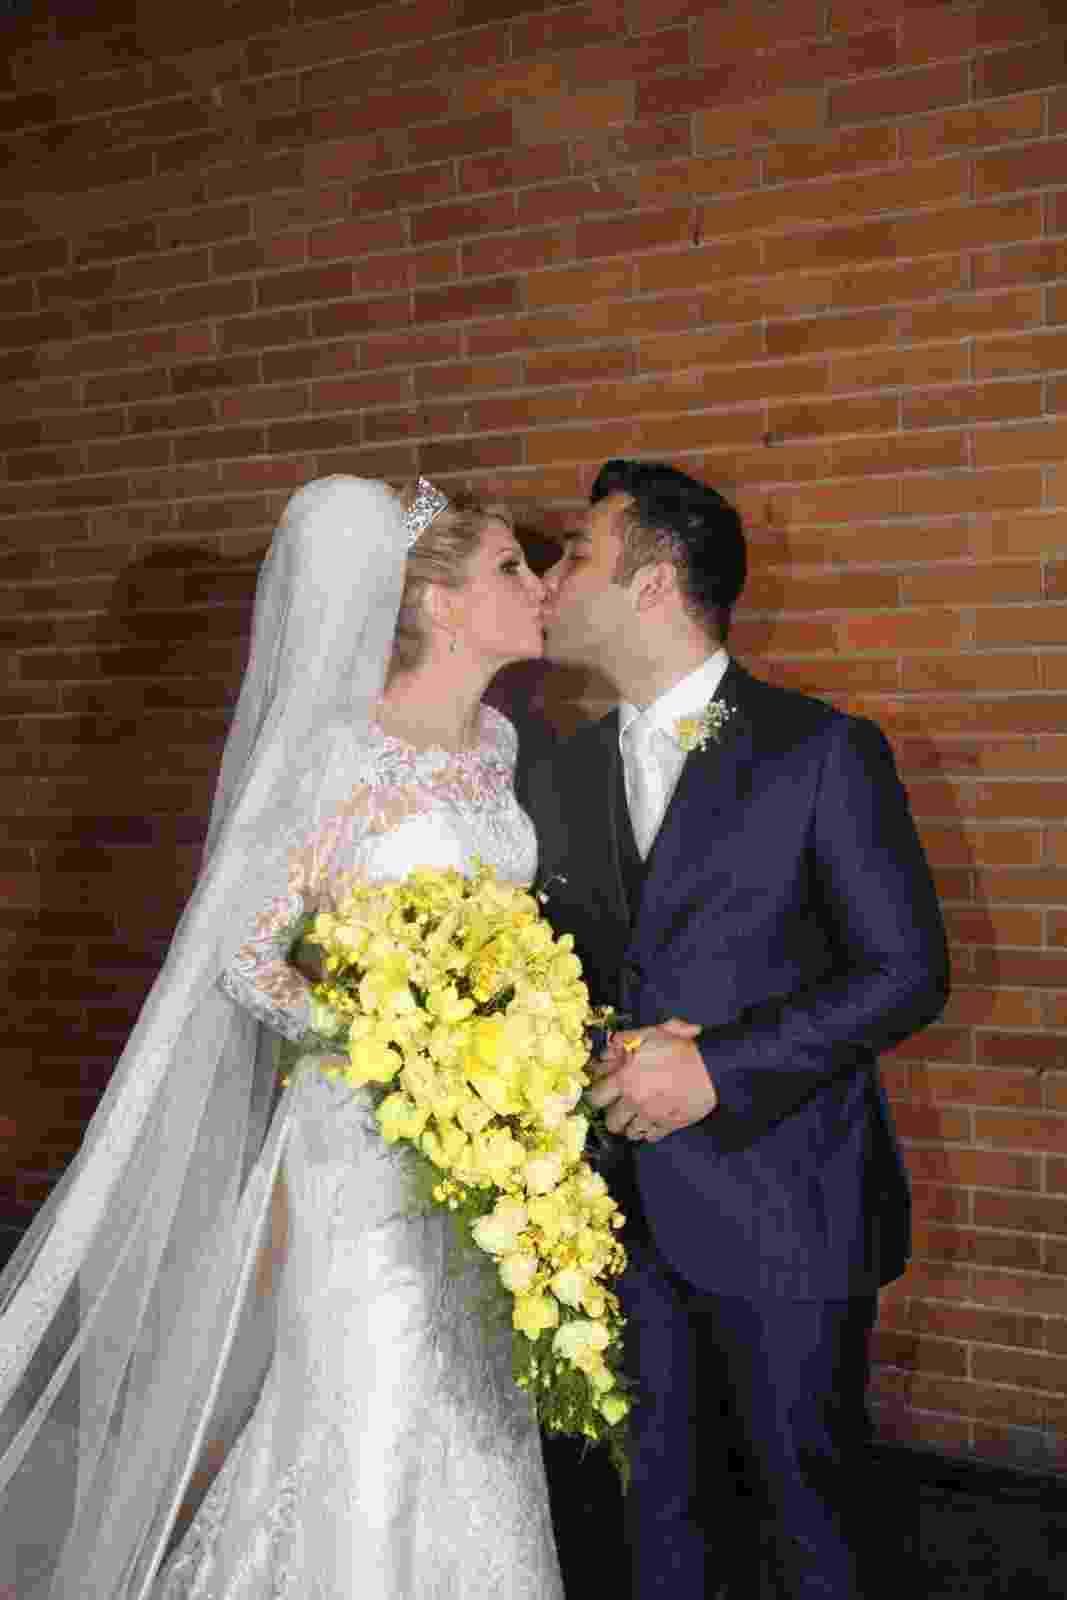 12.dez.2015 - Antônia Fontenelle e Jonathan Costa posam para fotos após fazerem os votos de casamento no Museu de Arte Moderna, no Rio de Janeiro - Rogerio Fidalgo e Anderson Borde/AgNews